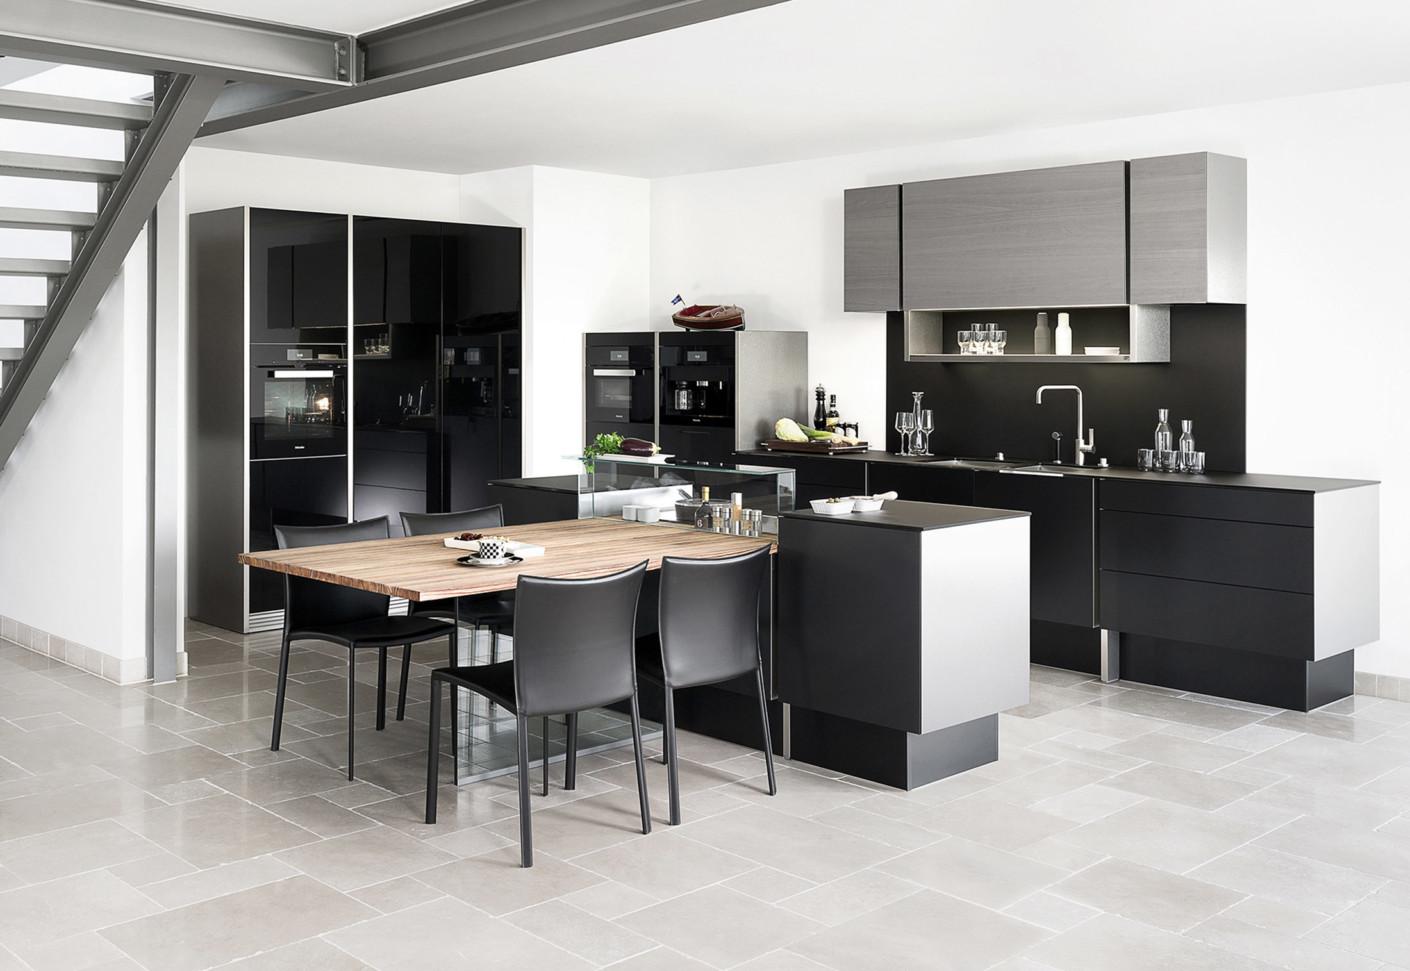 P´7350 schwarz Design by Studio F. A. Porsche von Poggenpohl | STYLEPARK